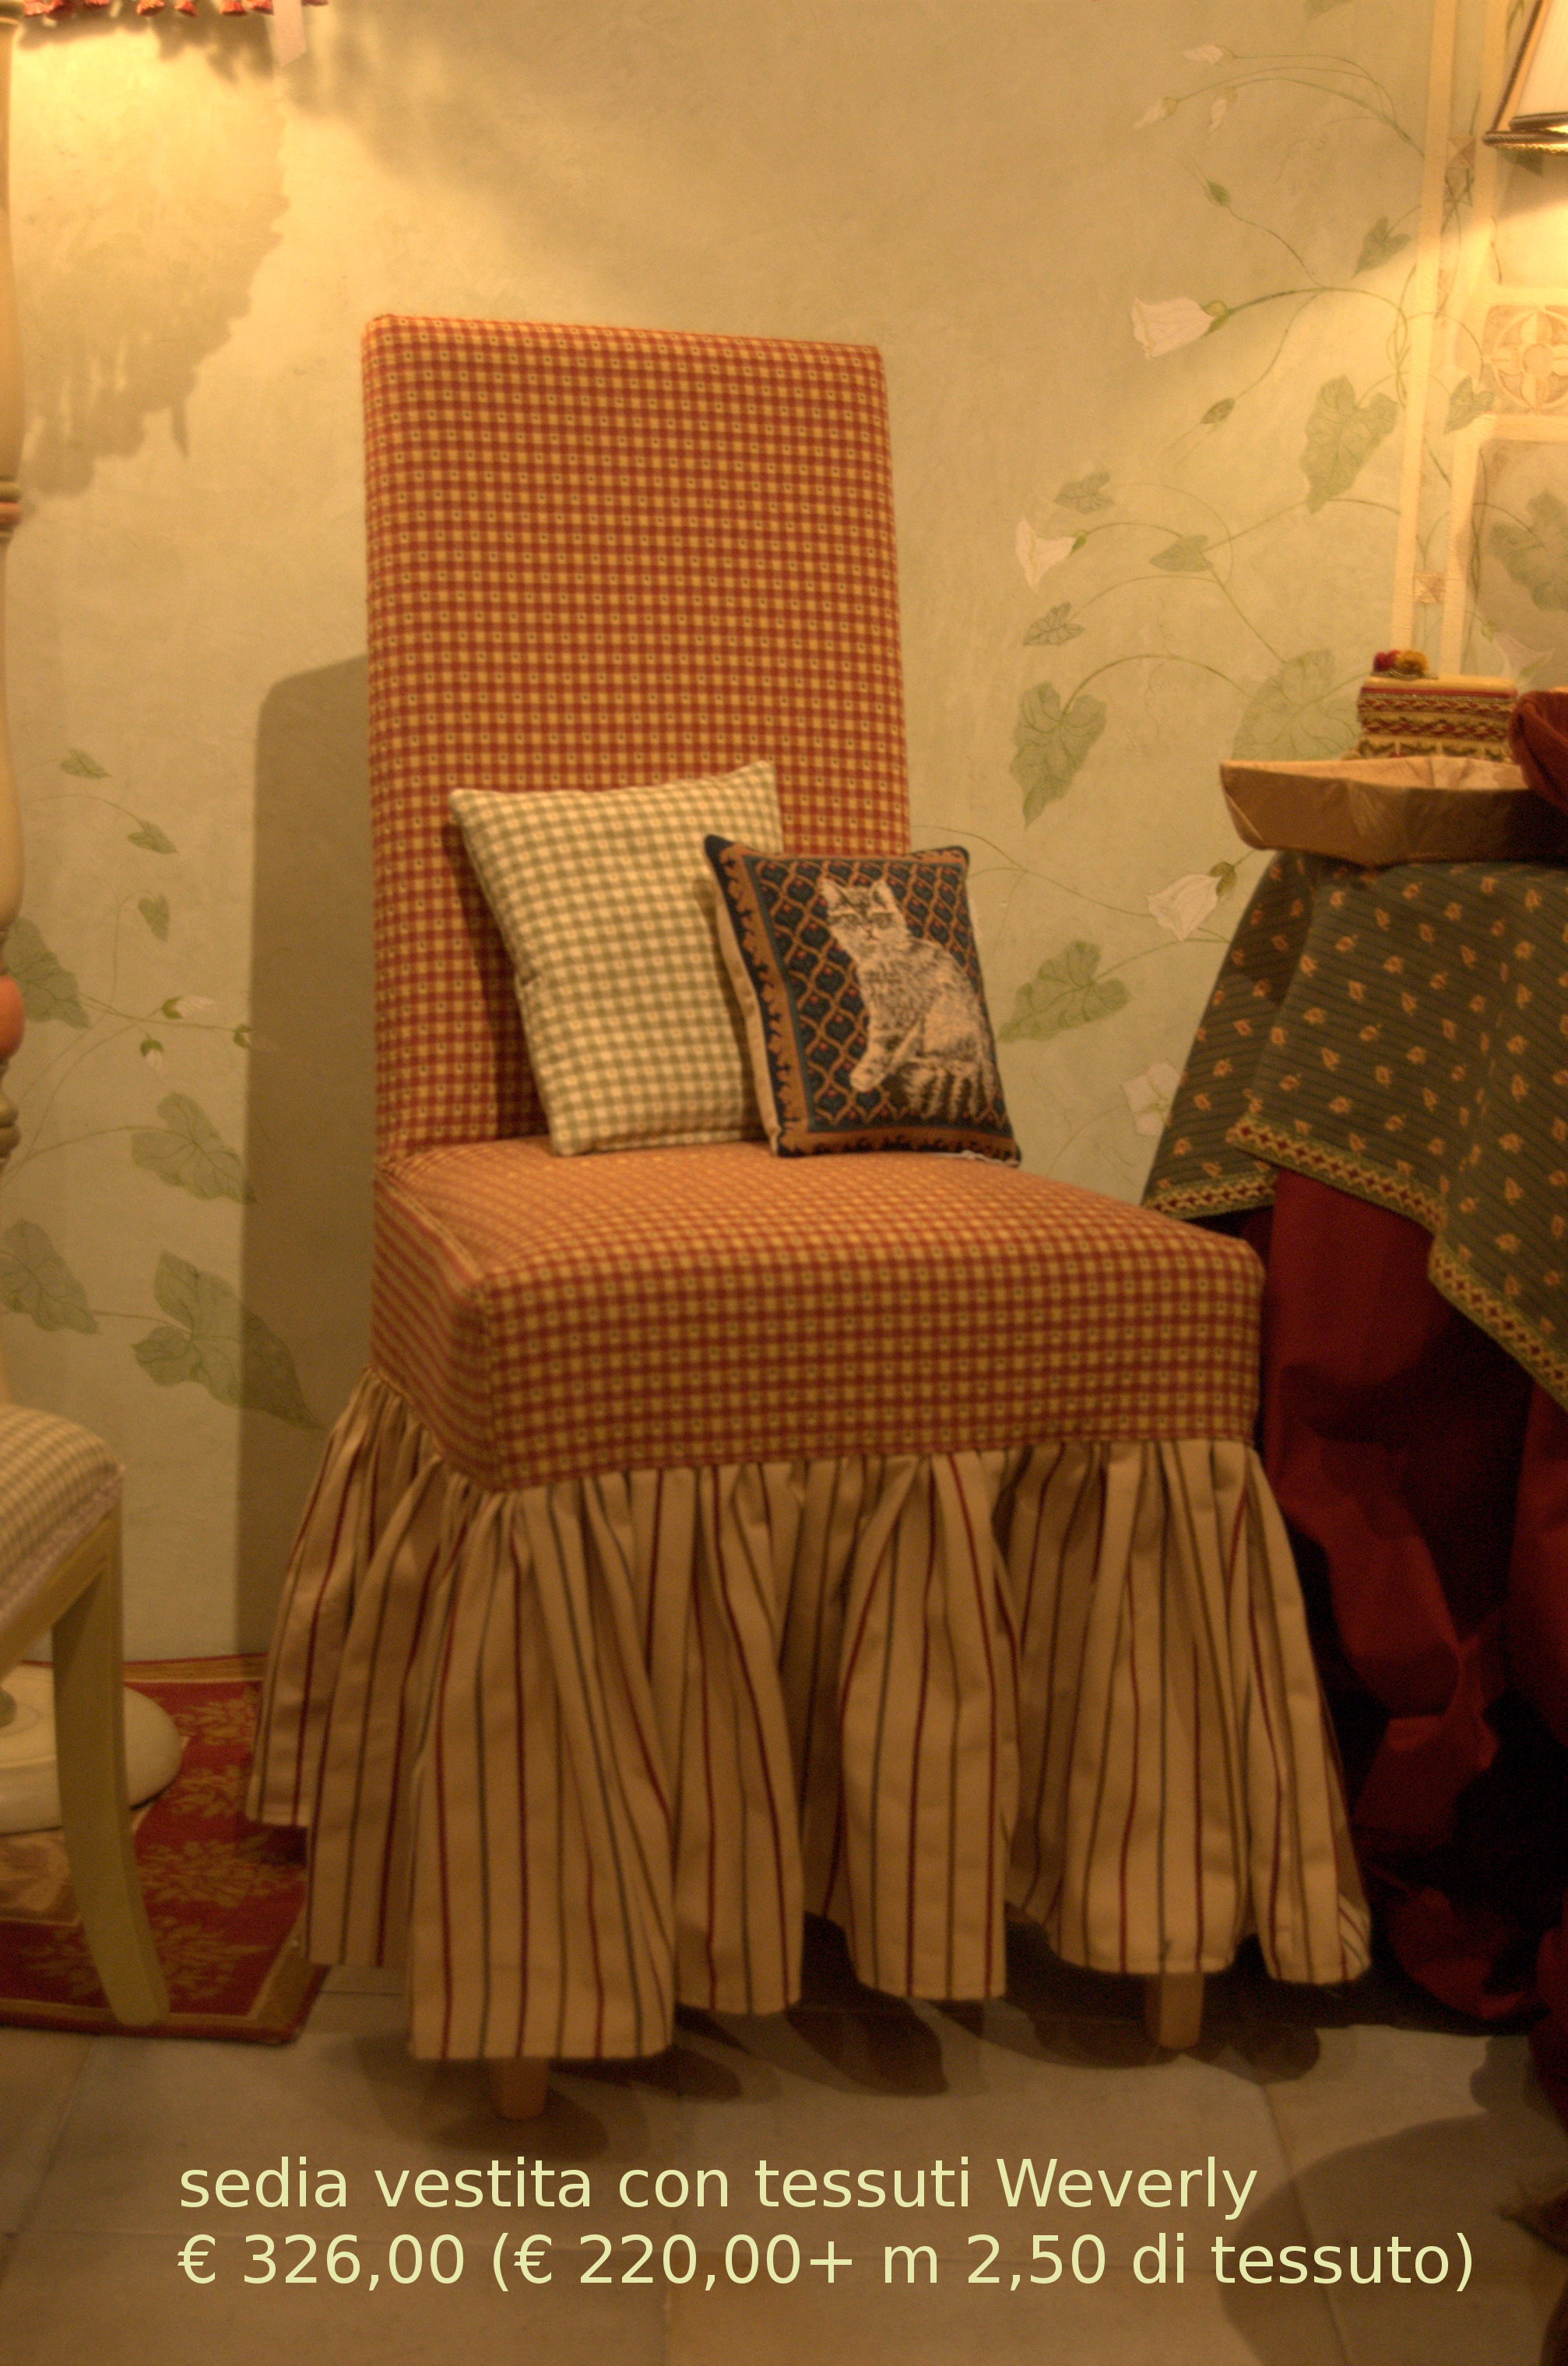 La tappezzeria a trieste rinnovo divani poltrone for Tessuti per arredamento country